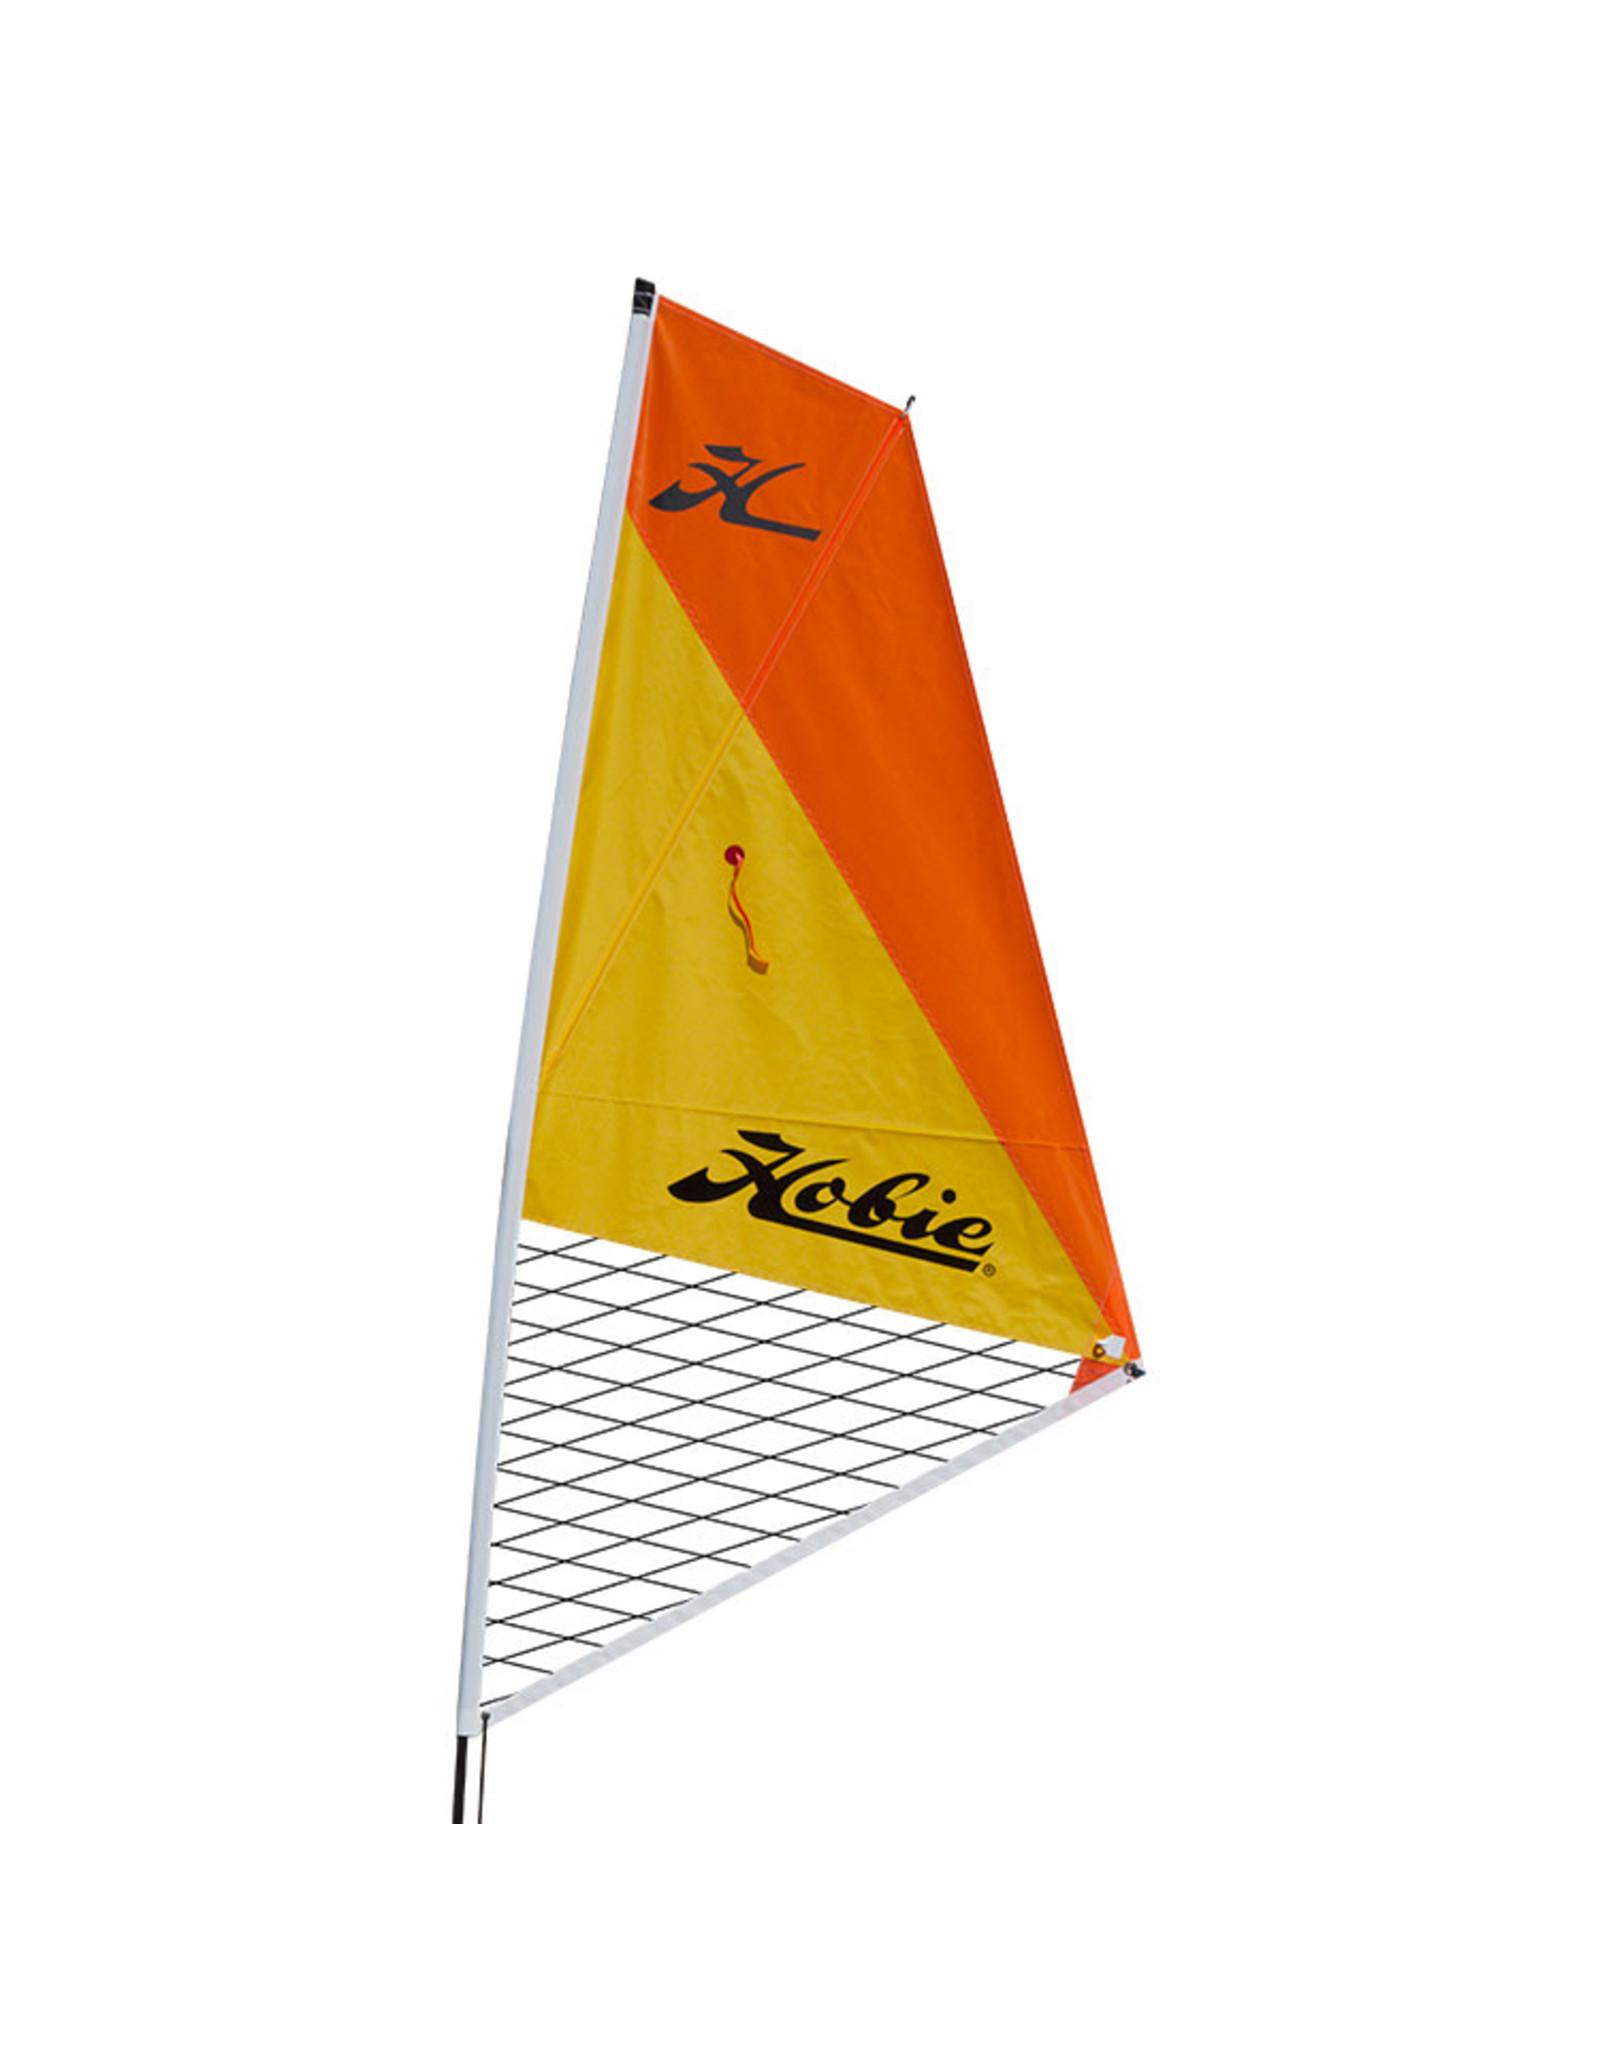 Hobie Hobie Acc. Voile - Sail Kit Kayak Papaya/Orange